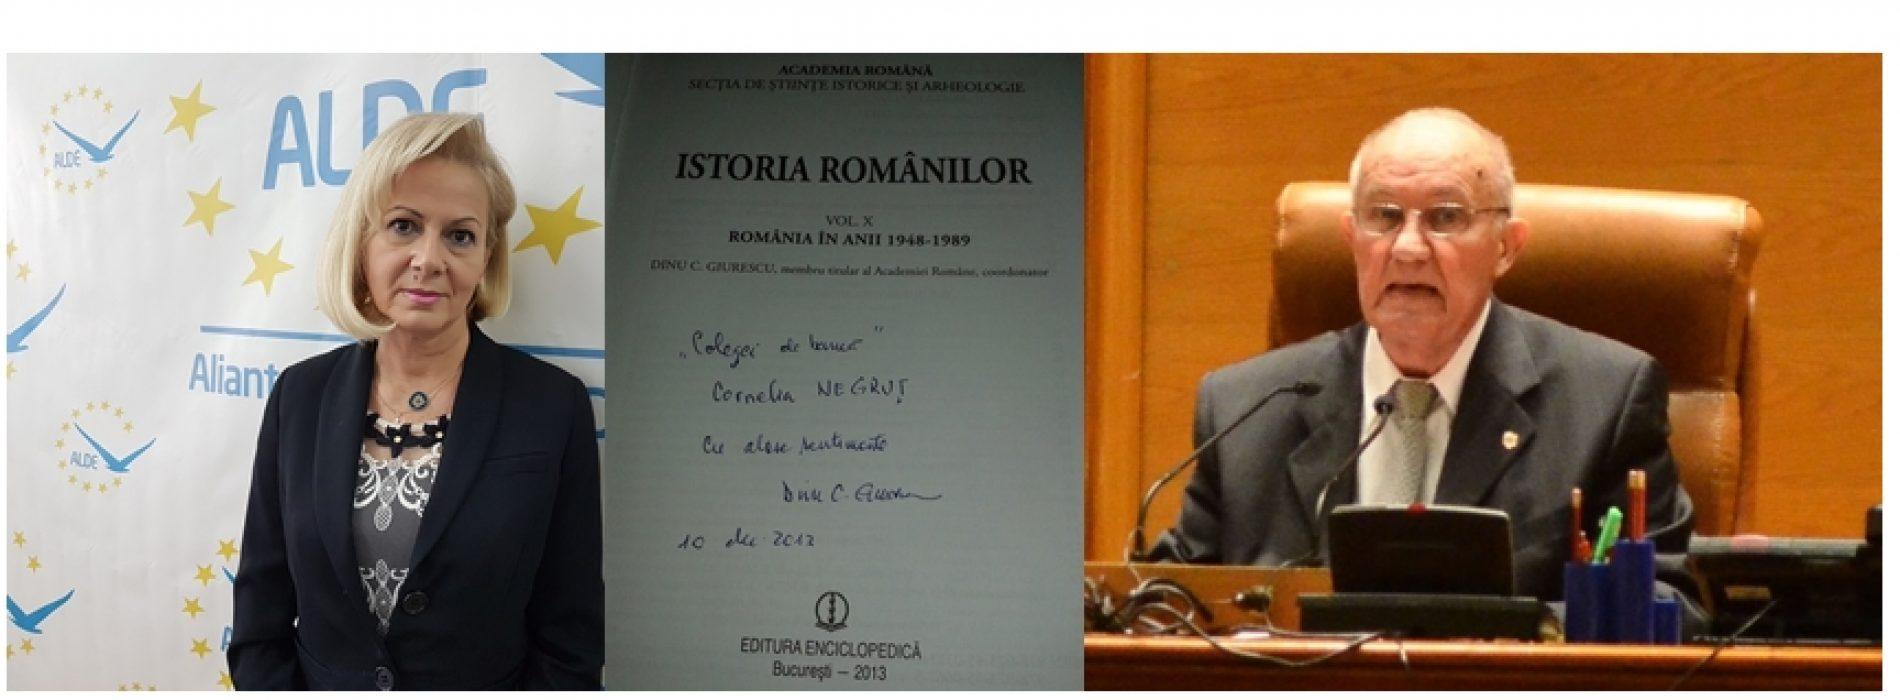 """Cornelia Negruț, AMINTIRI despre Dinu C. Giurescu: """"Îmi spunea <<Cornelia, cum să scriu Istoria României din America?>>"""""""